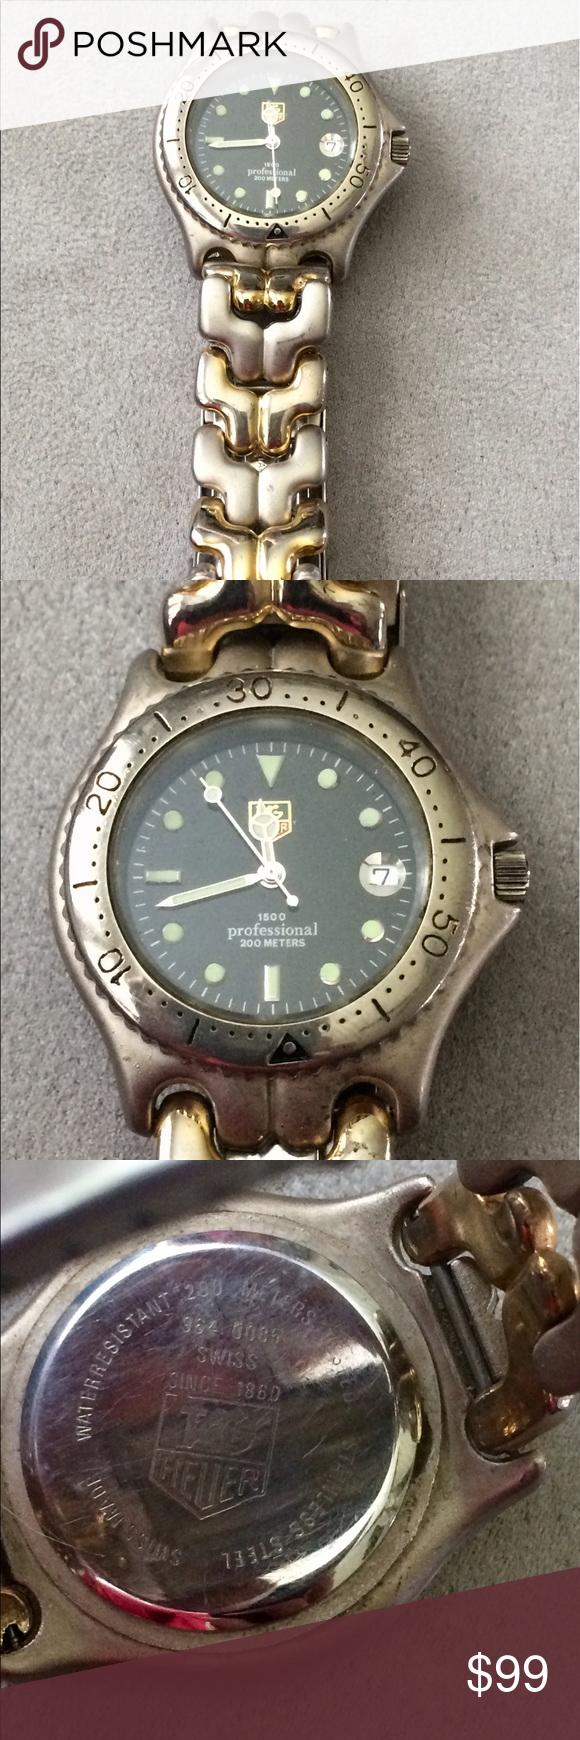 Vintage Tag Heuer Watch 1500 Professional Vintage 1500 ...